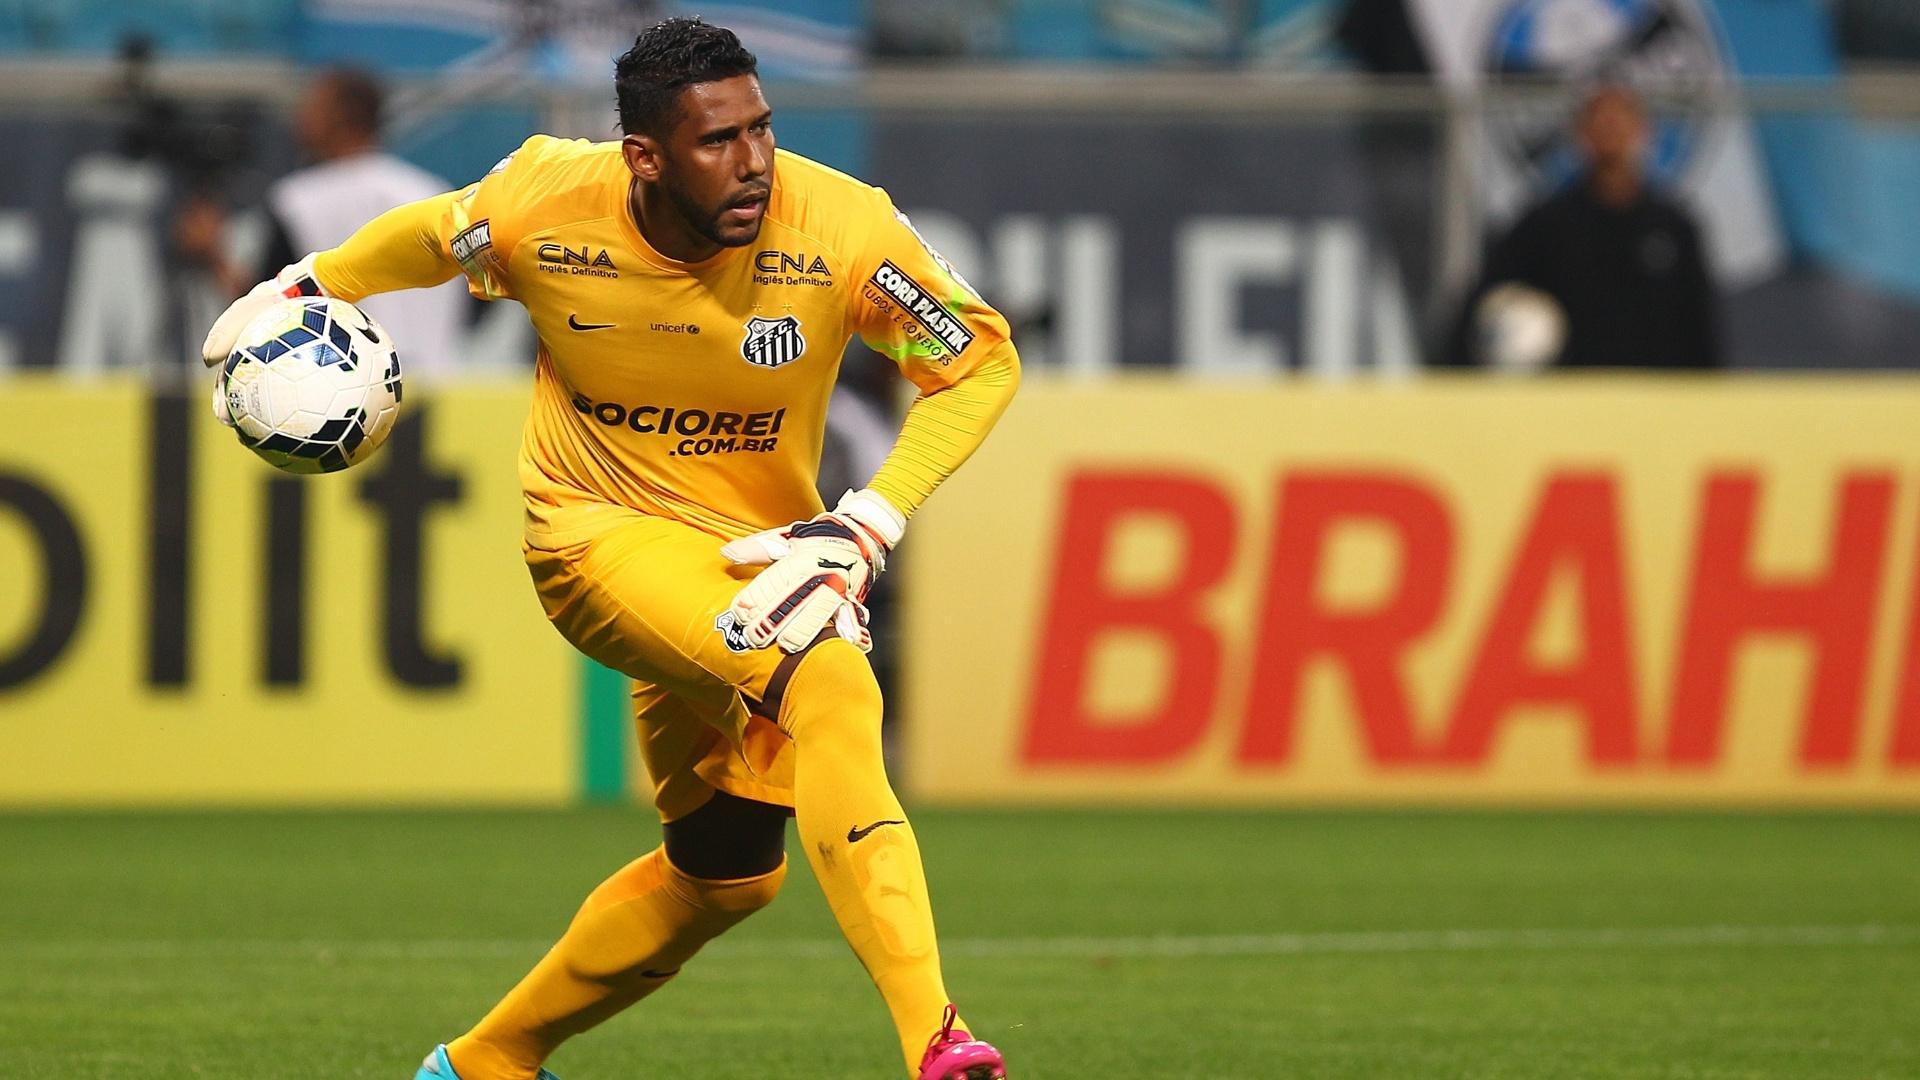 Aranha repõe a bola na partida entre Grêmio e Santos pelo Brasileirão